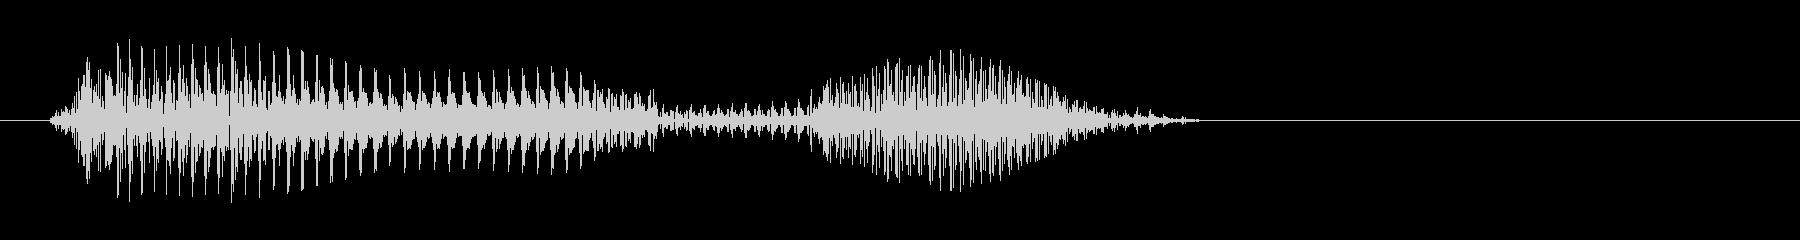 ダメの未再生の波形